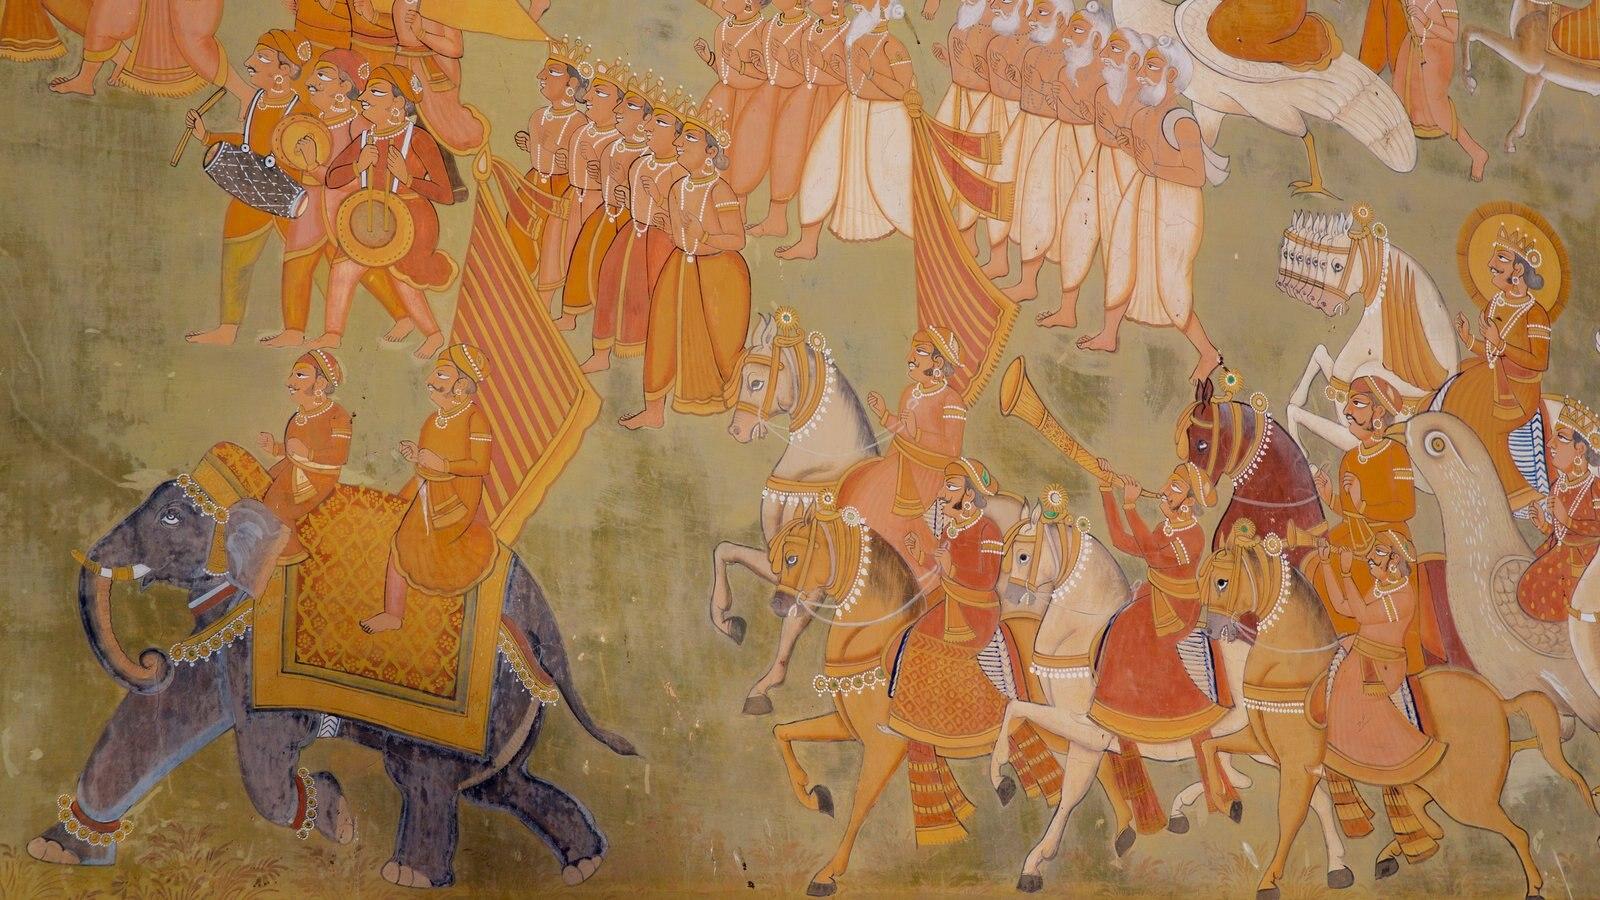 Mehrangarh Fort que incluye elementos del patrimonio y arte